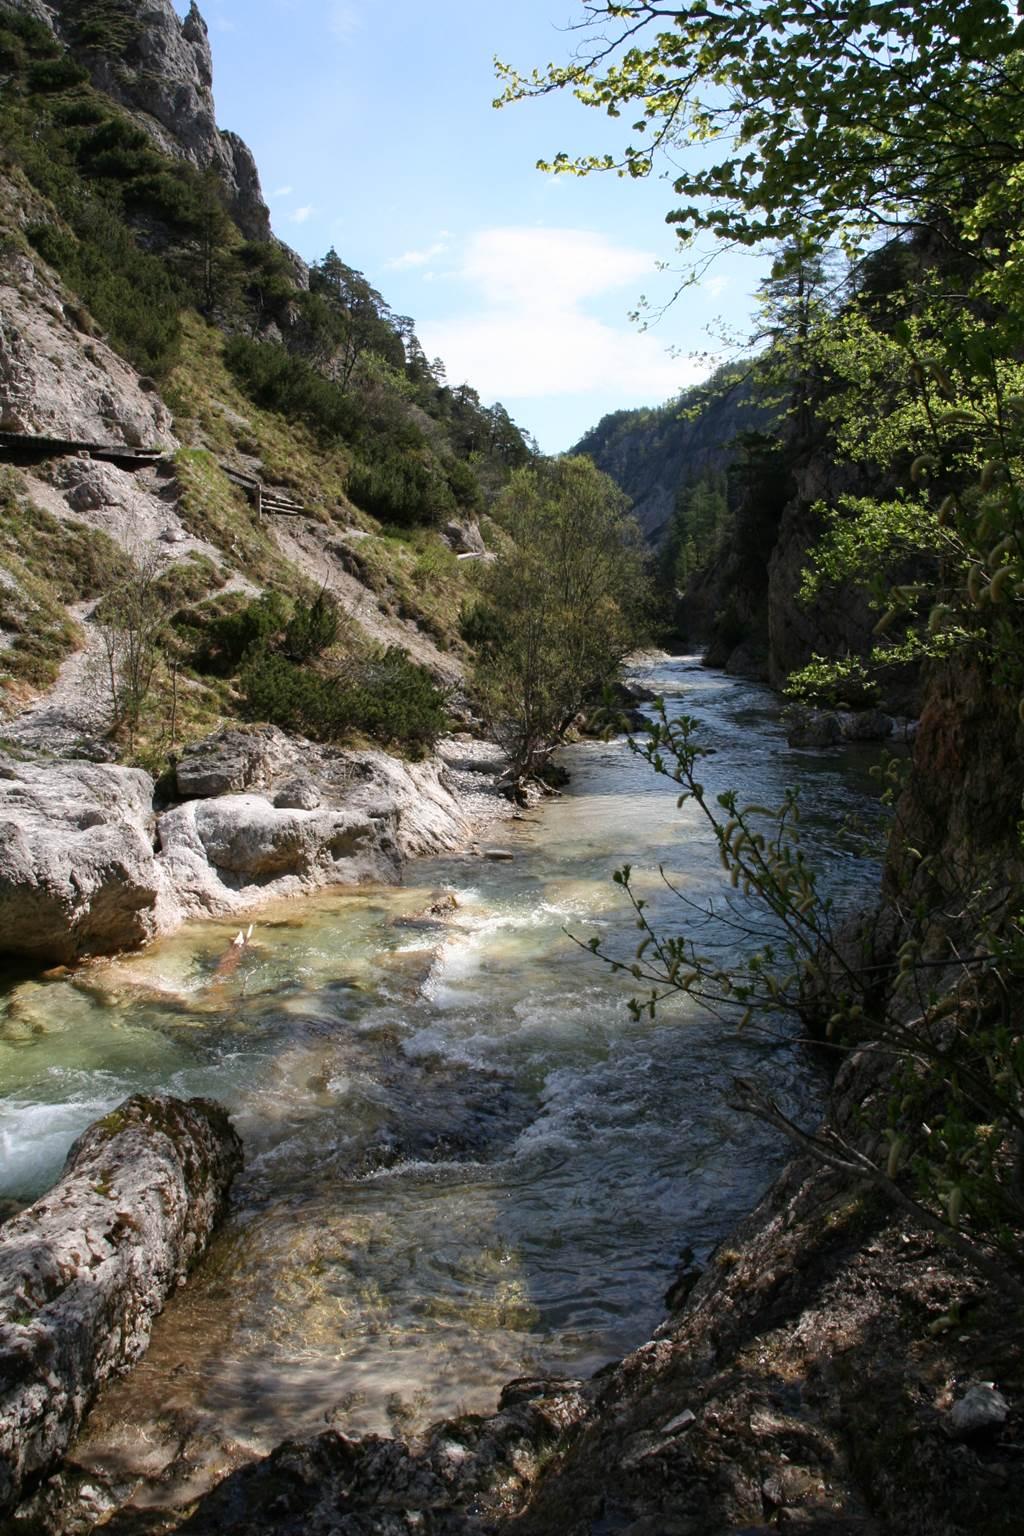 A szurdokvölgy képe Forrás: www.mozgasvilag.hu